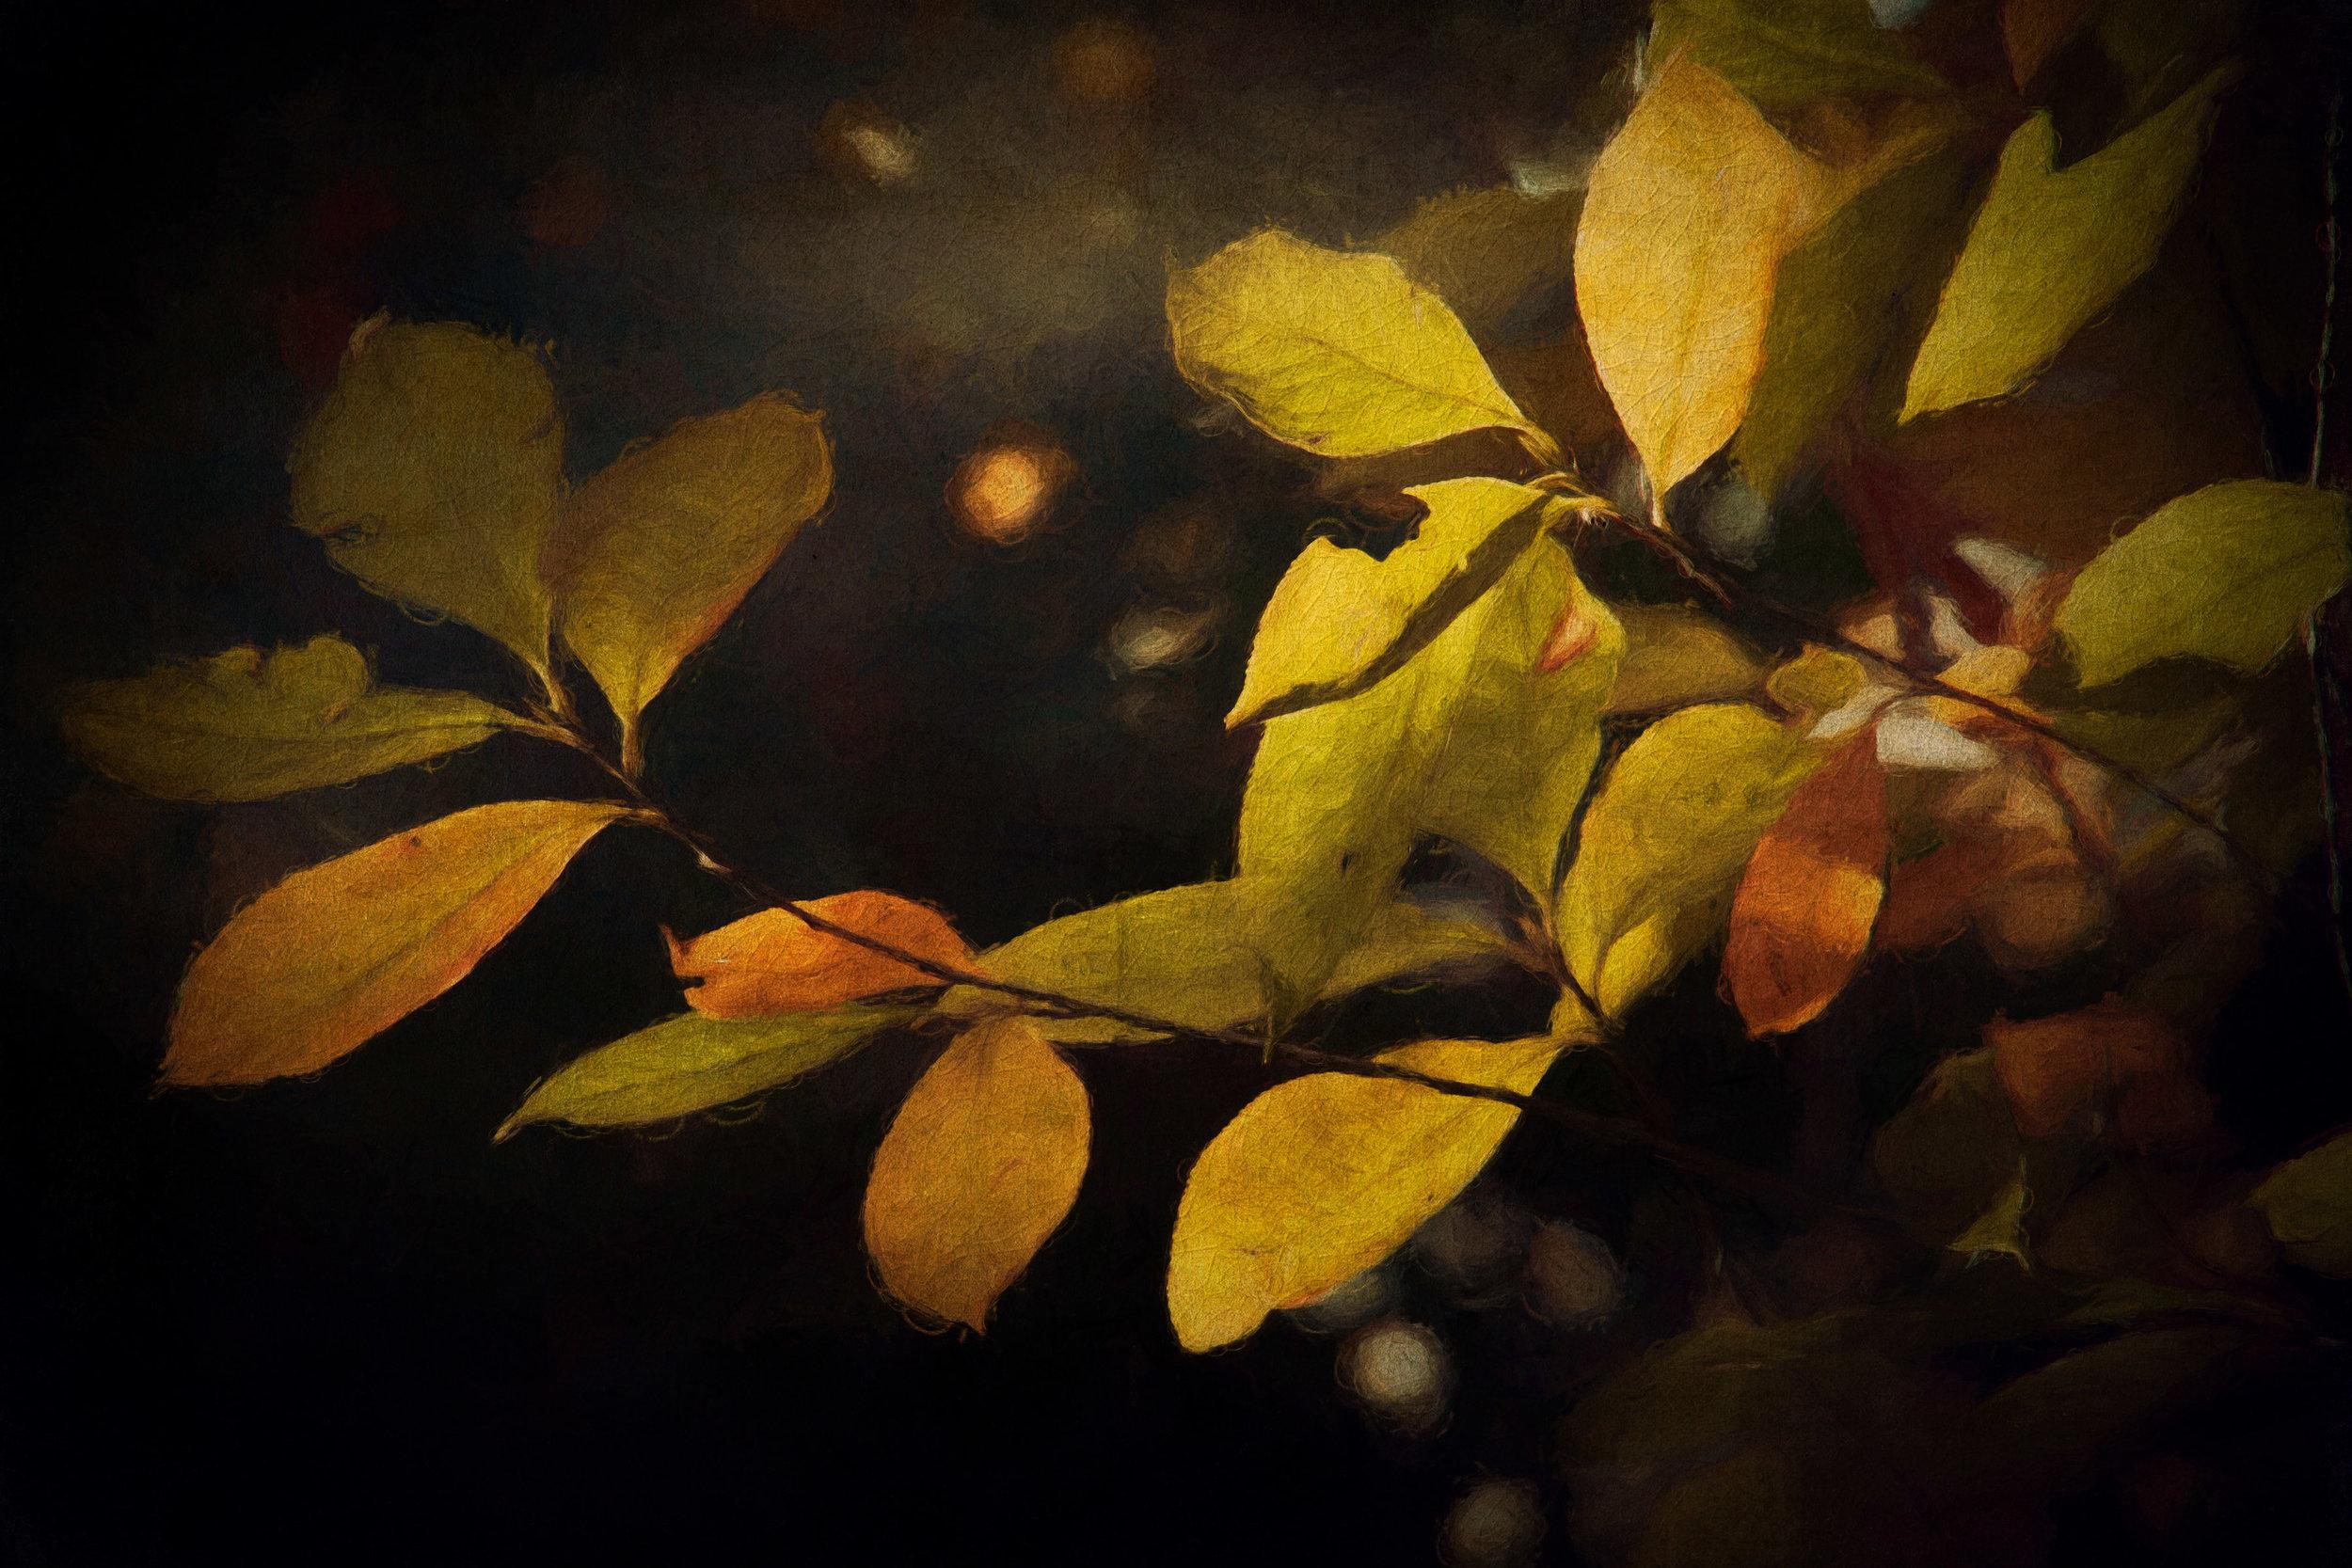 Leaves-8.jpg